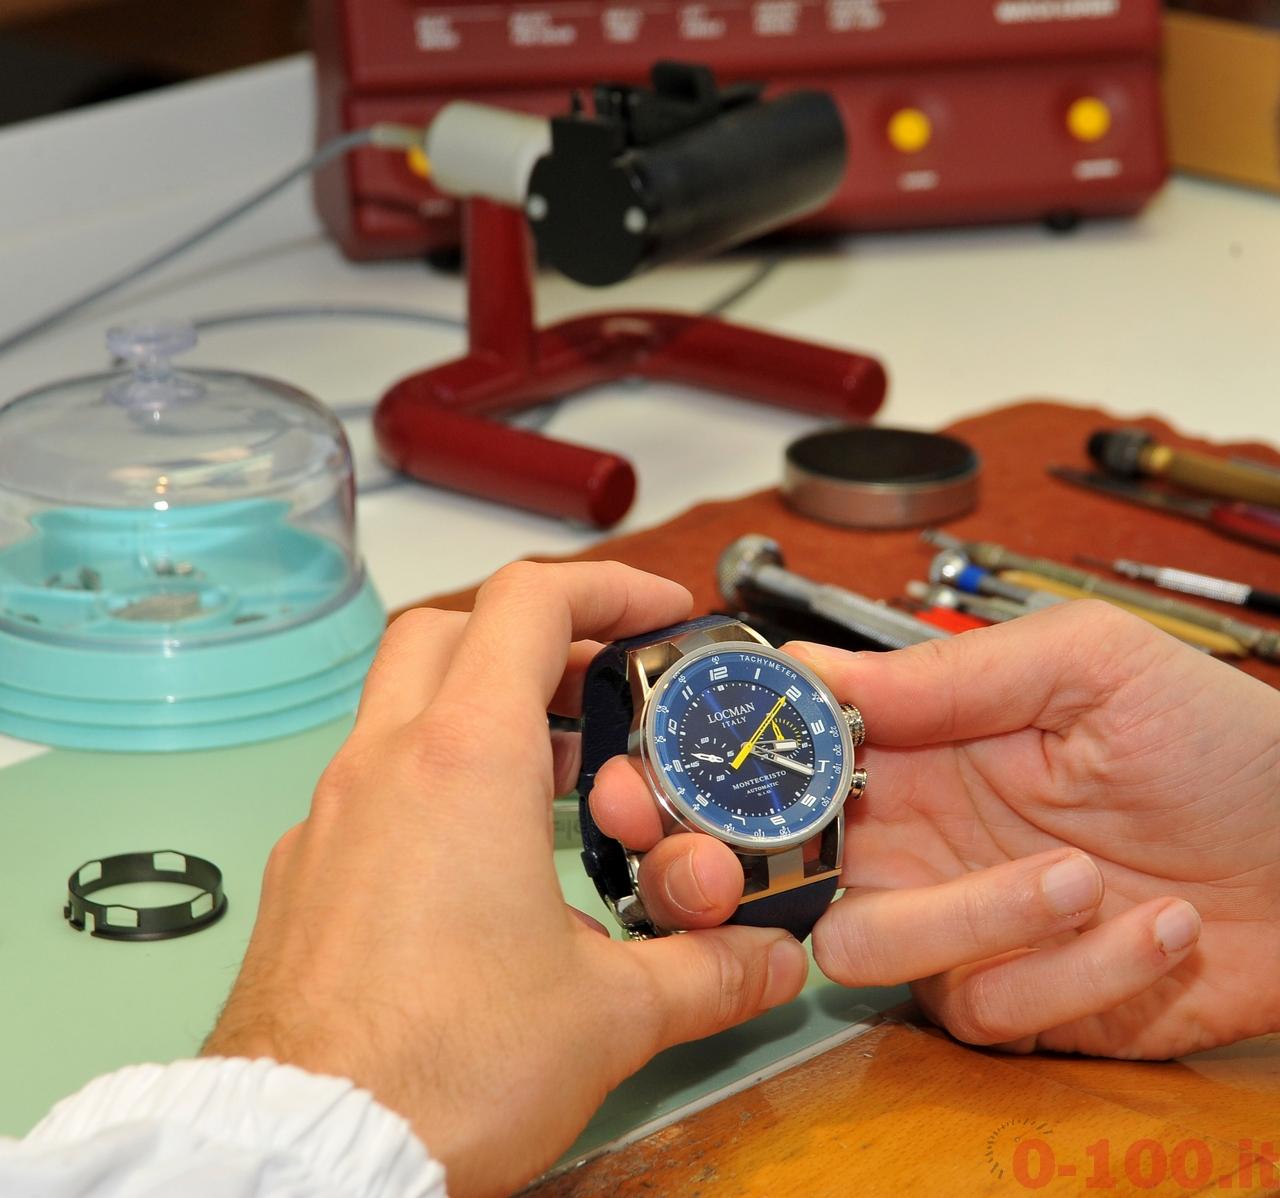 anteprima-baselworld-2014-locman-montecristo-cronografo-automatico-prezzo-price_0-10013